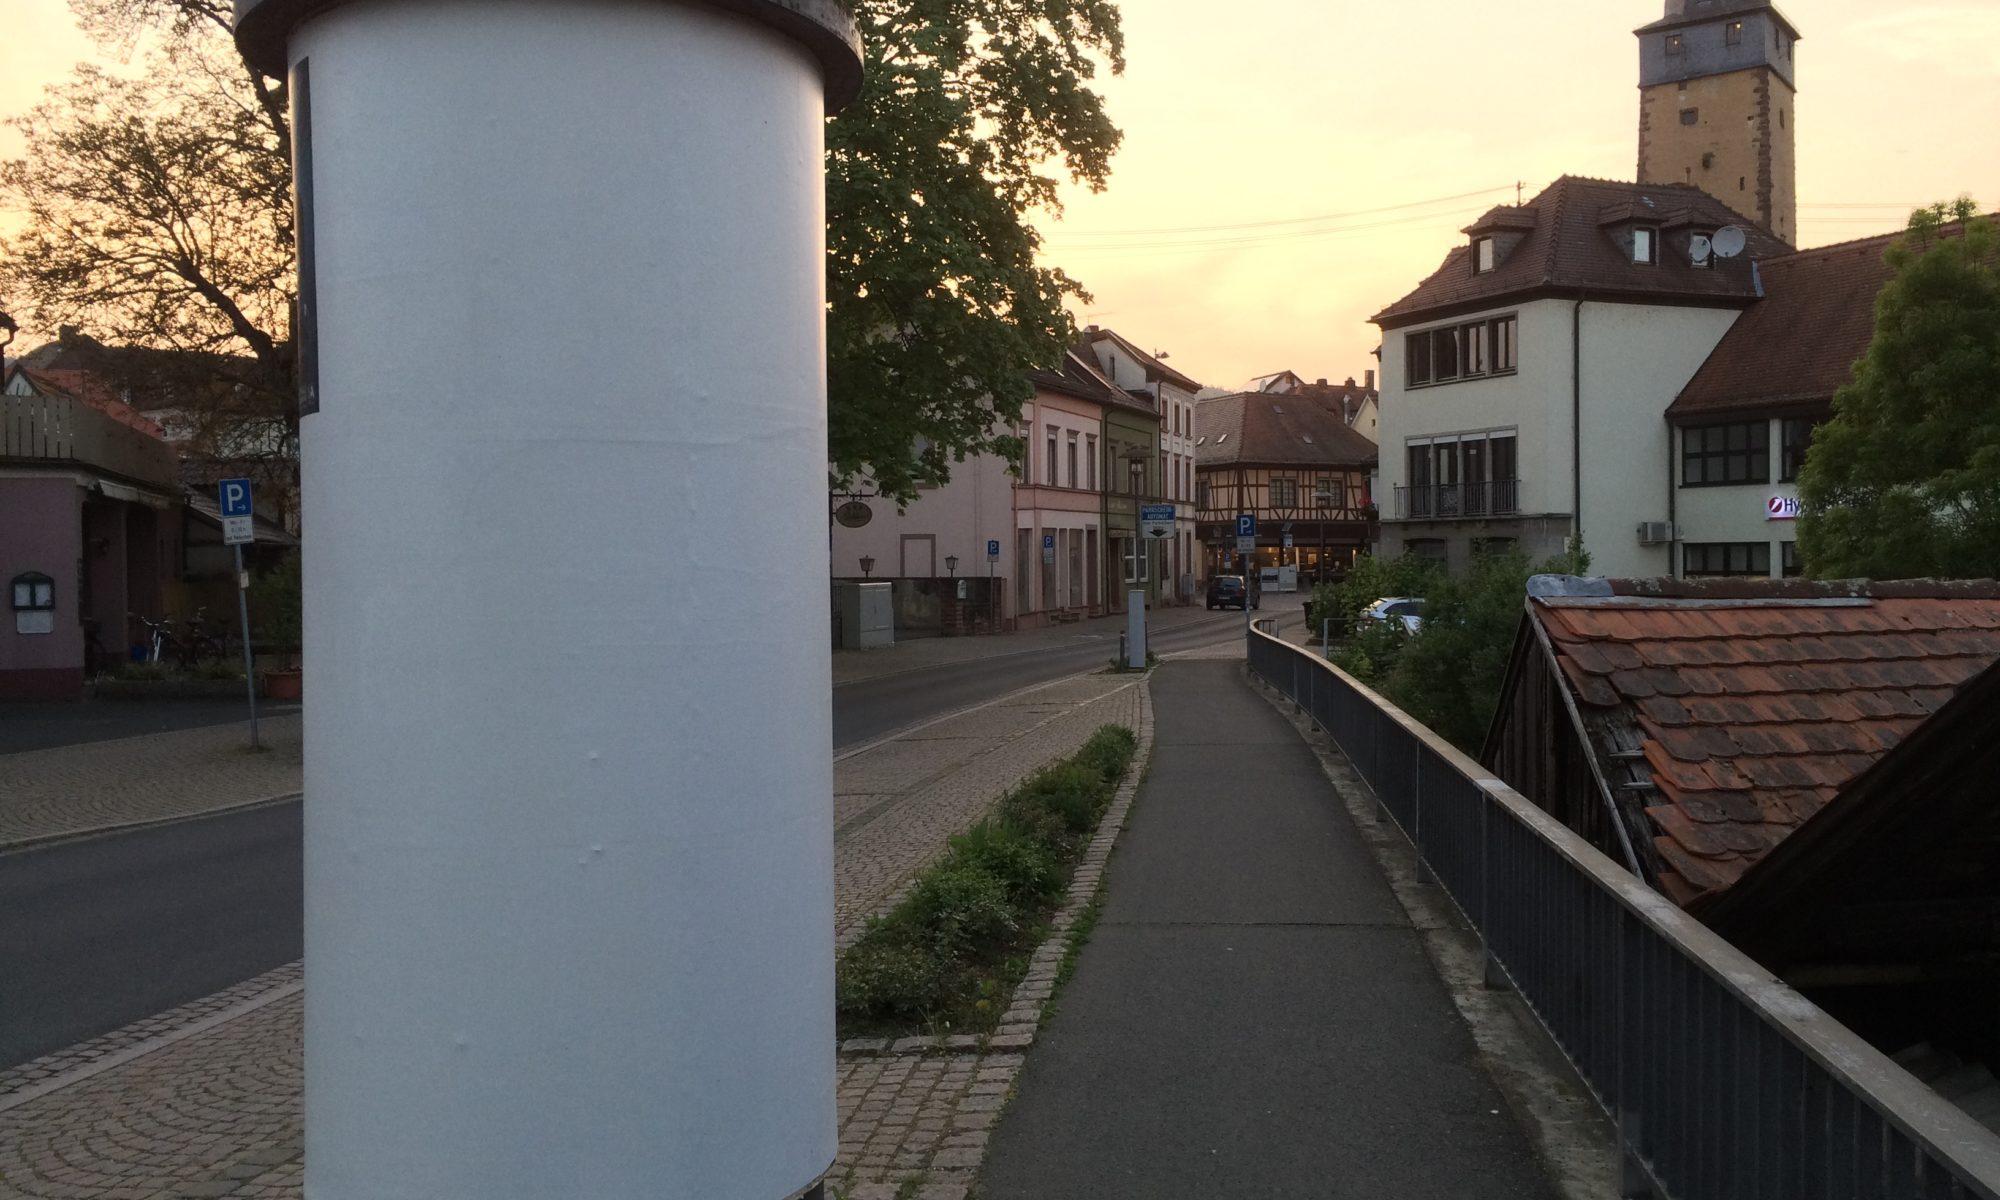 Litfaßsäule in der Oberen Brückenstraße in Lohr am. Main. | Foto: B. Schneider